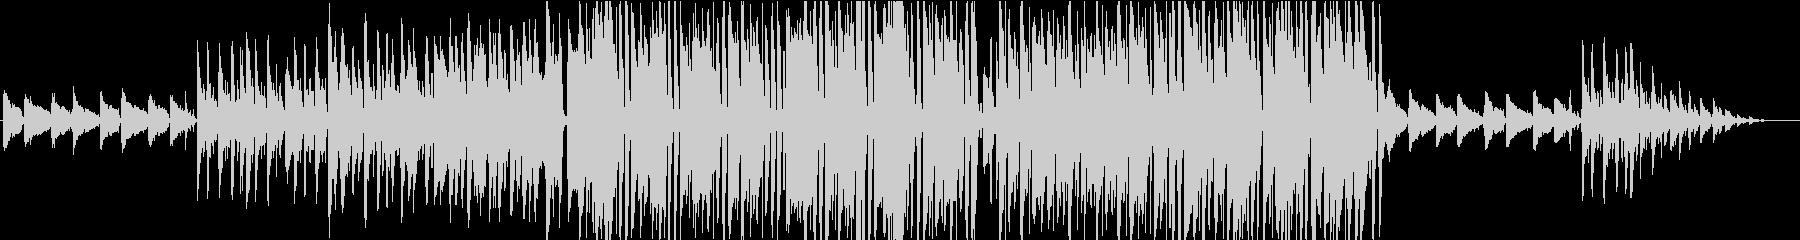 疾走感のあるジャズピアノの未再生の波形